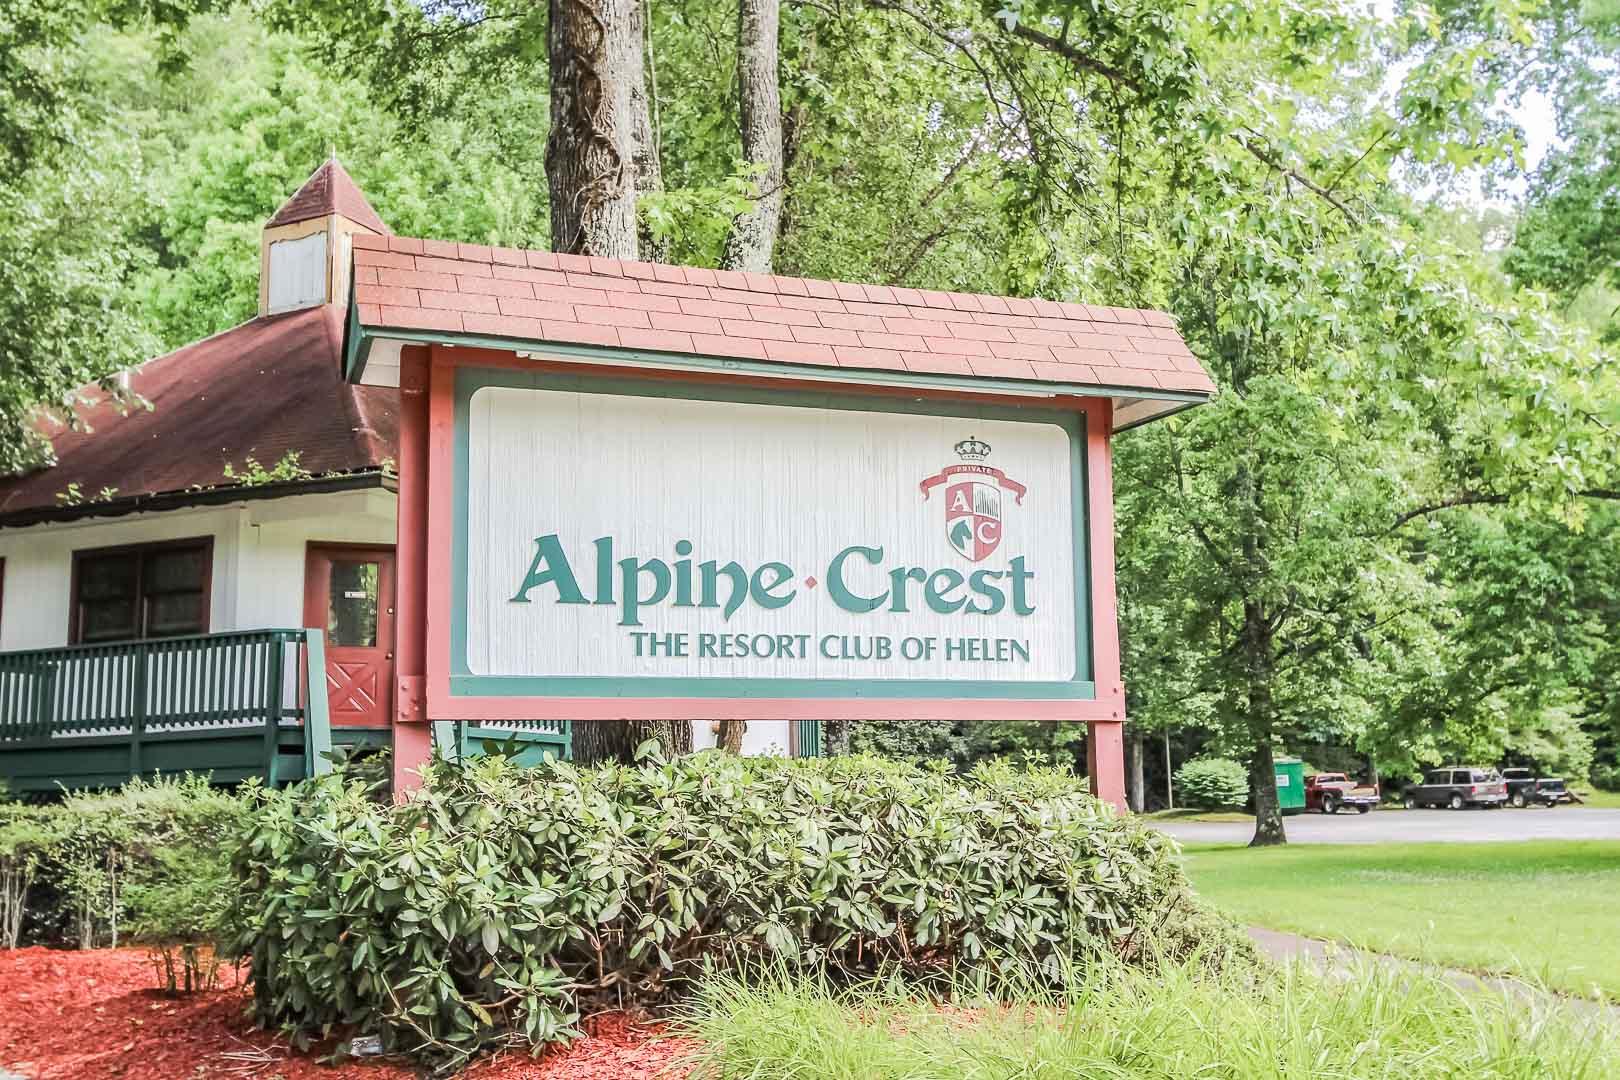 The resort signage at VRI's Alpine Crest Resort in Georgia.